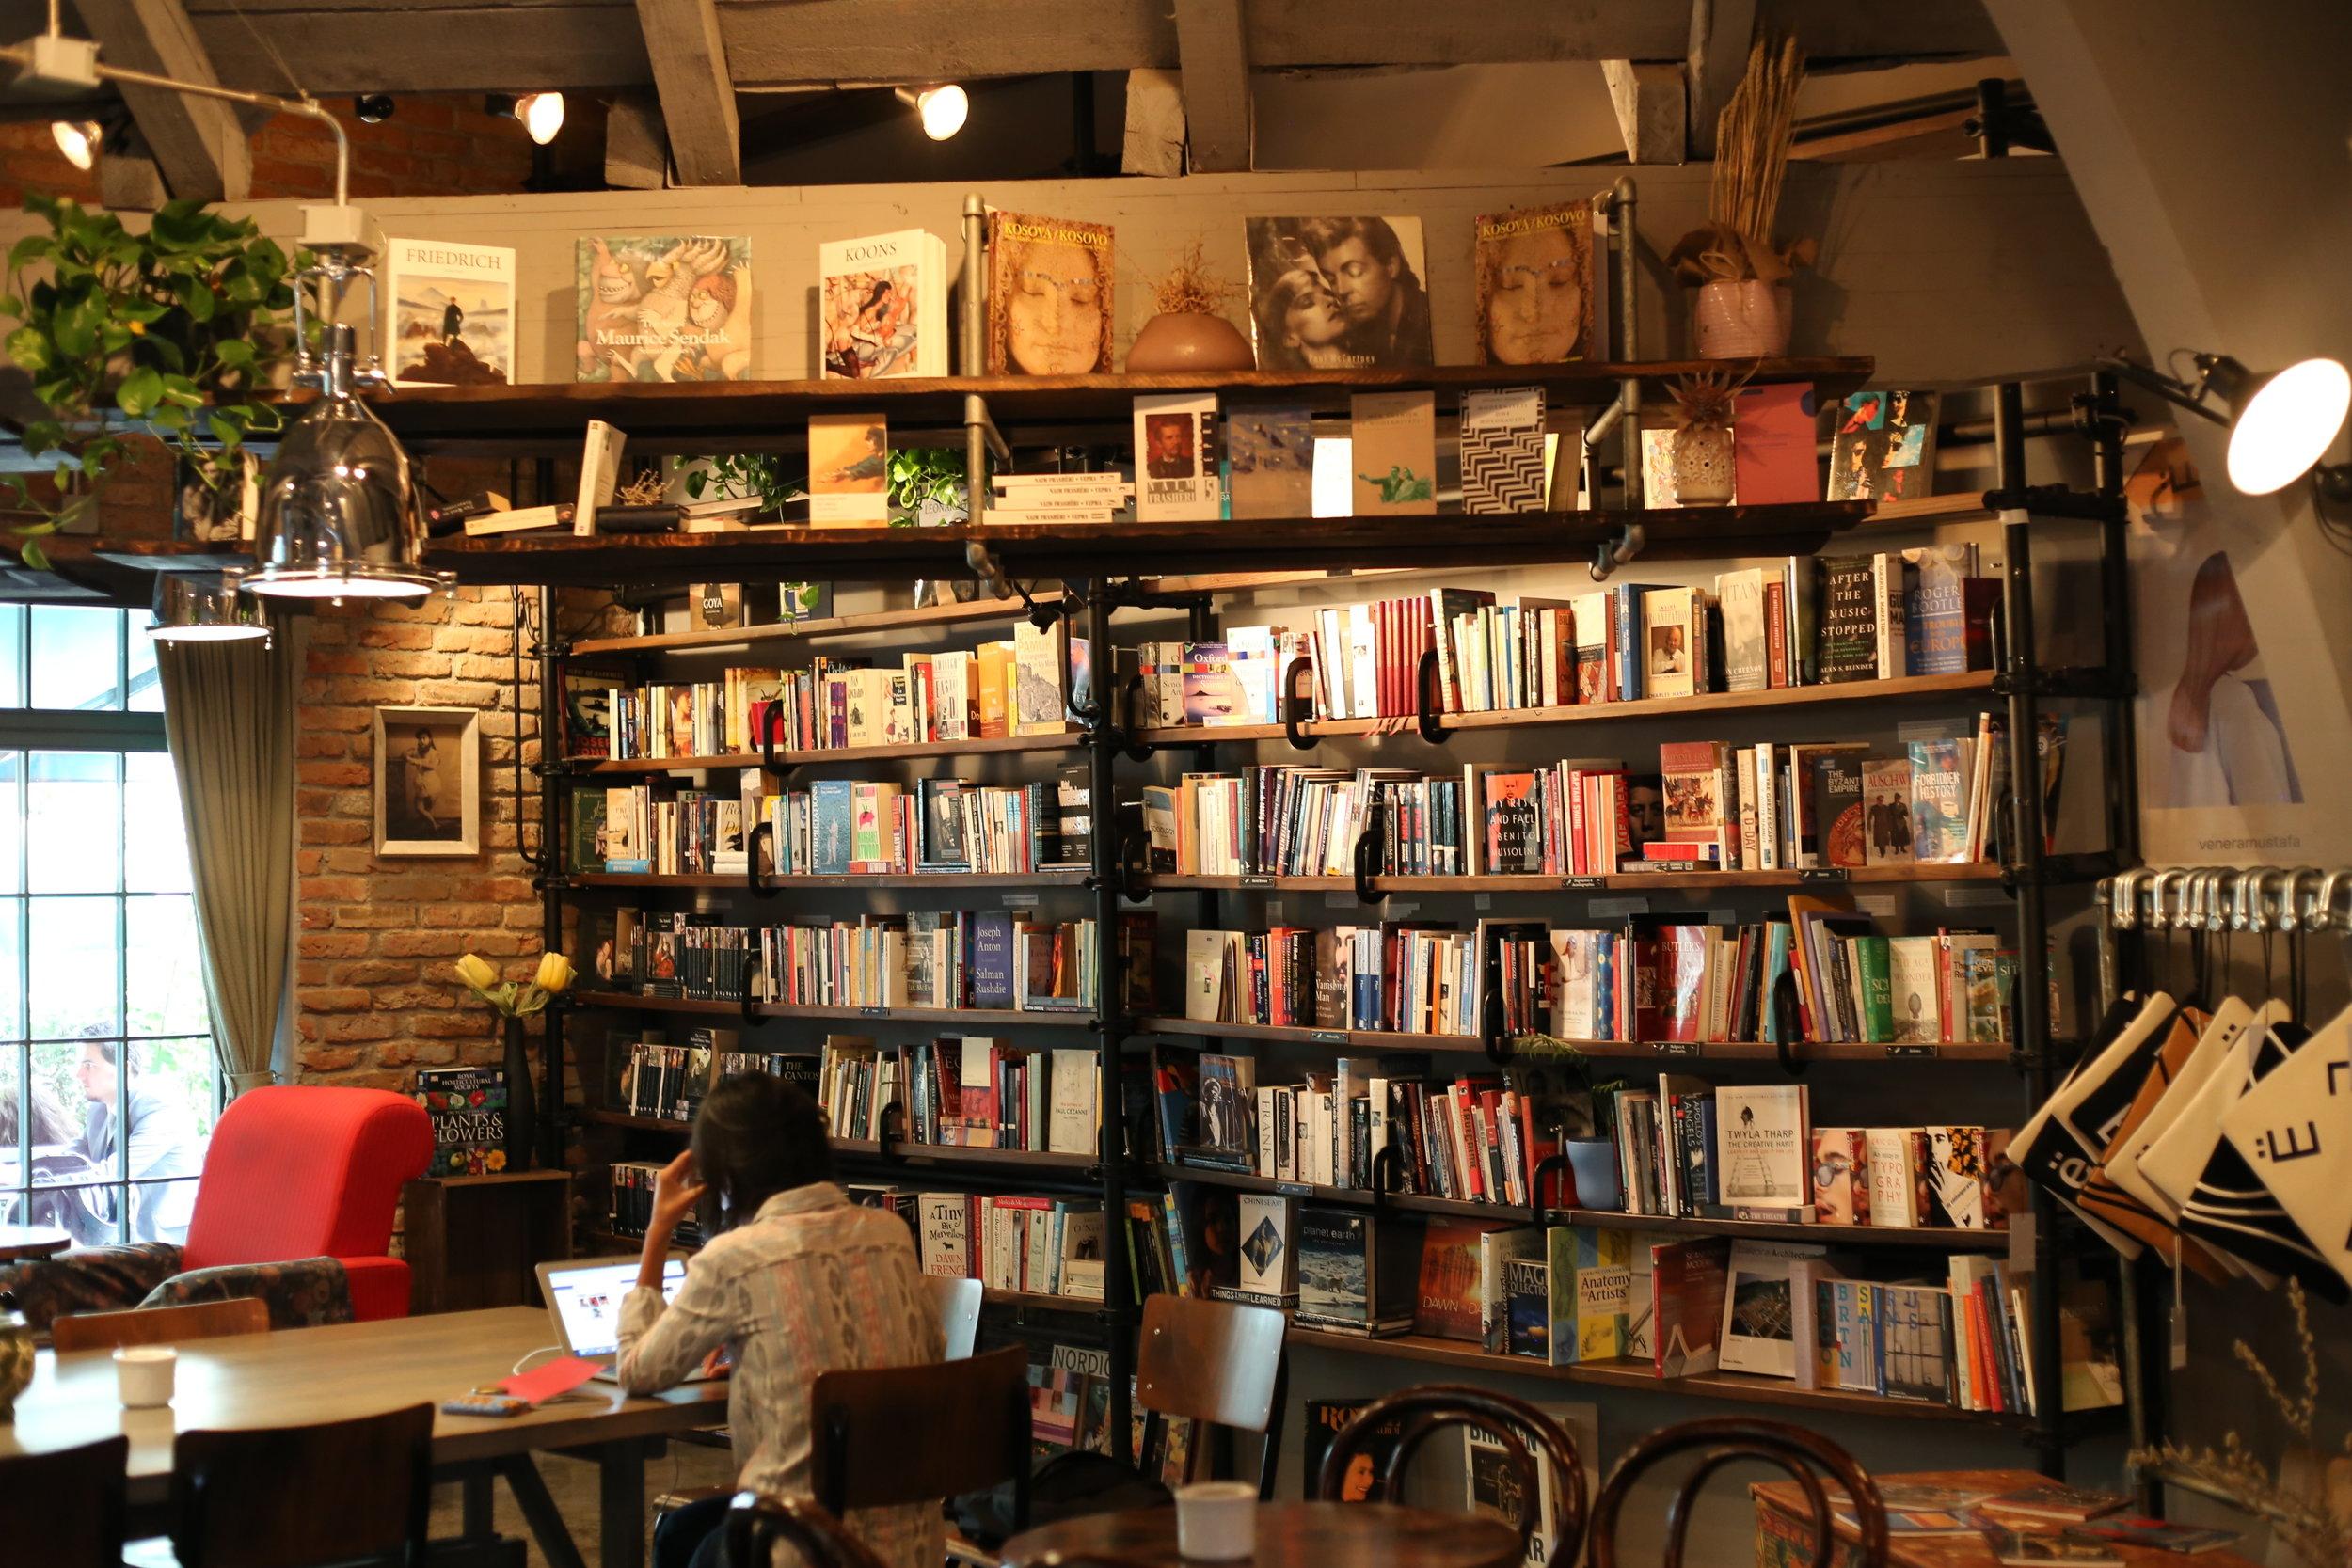 Das Café Soma in Prishtina, Kosovo. (Foto: Tanya König)